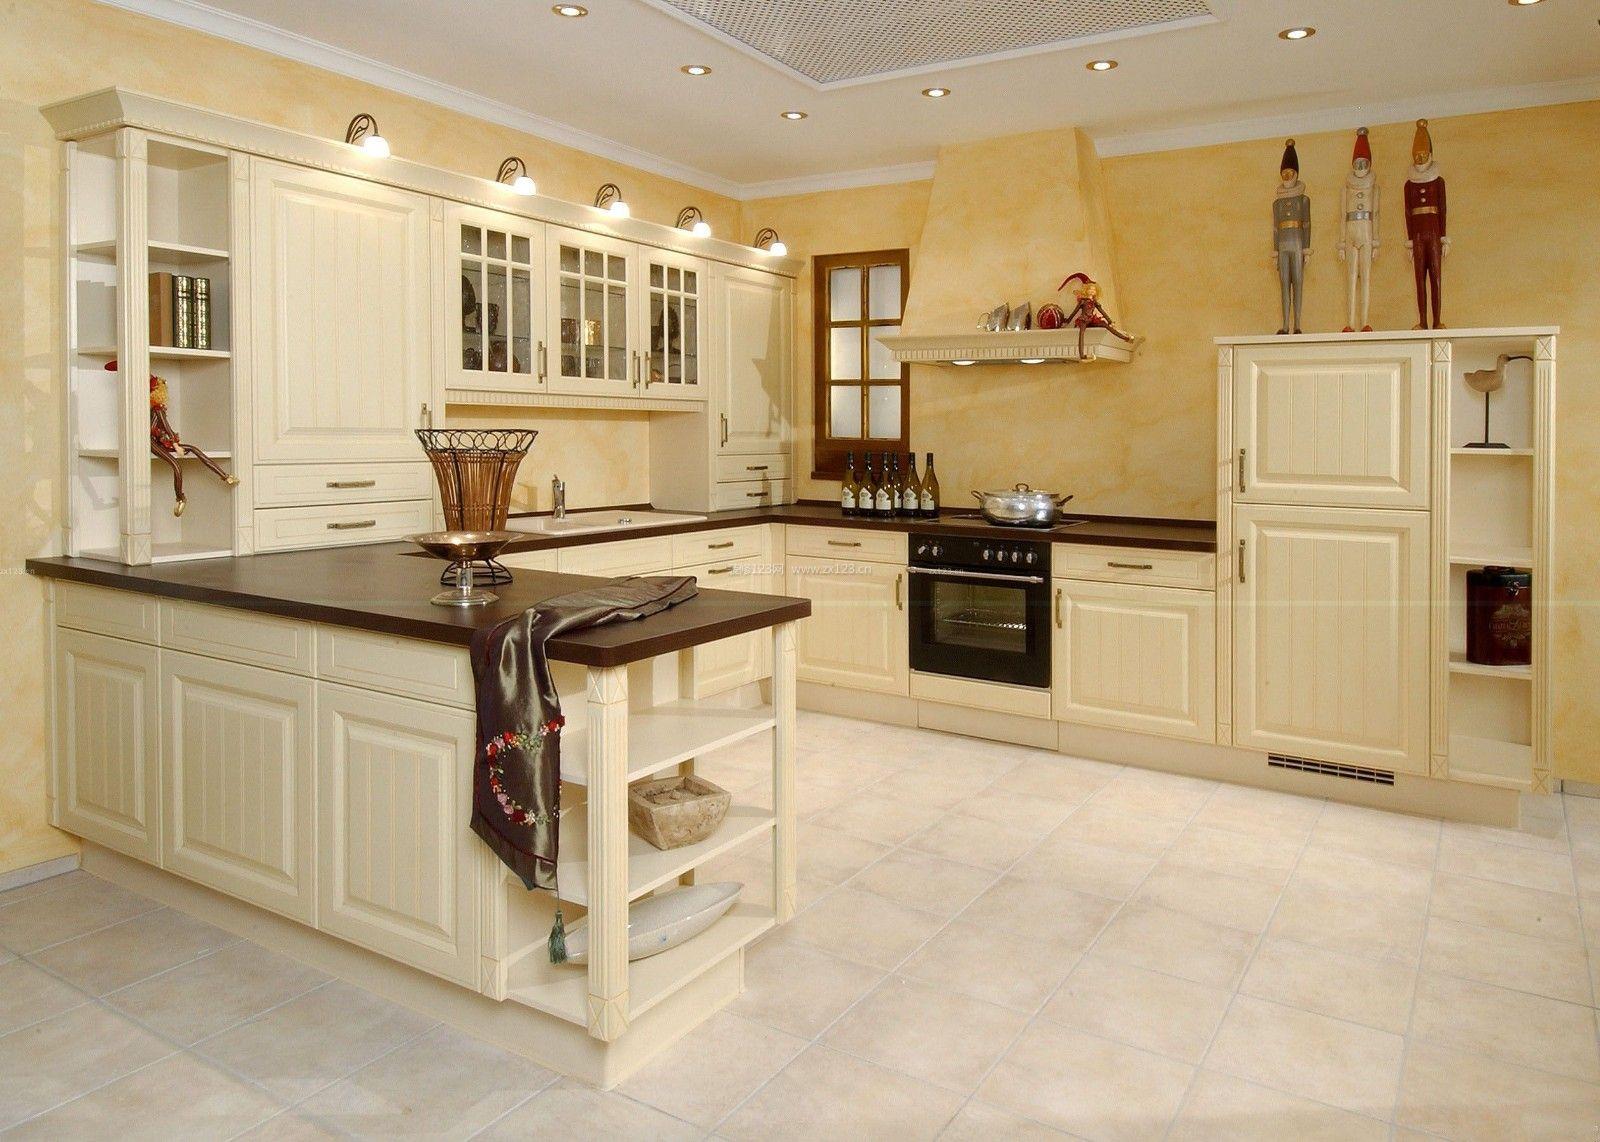 吧台式开放厨房灶台设计赏析_装修123效果图